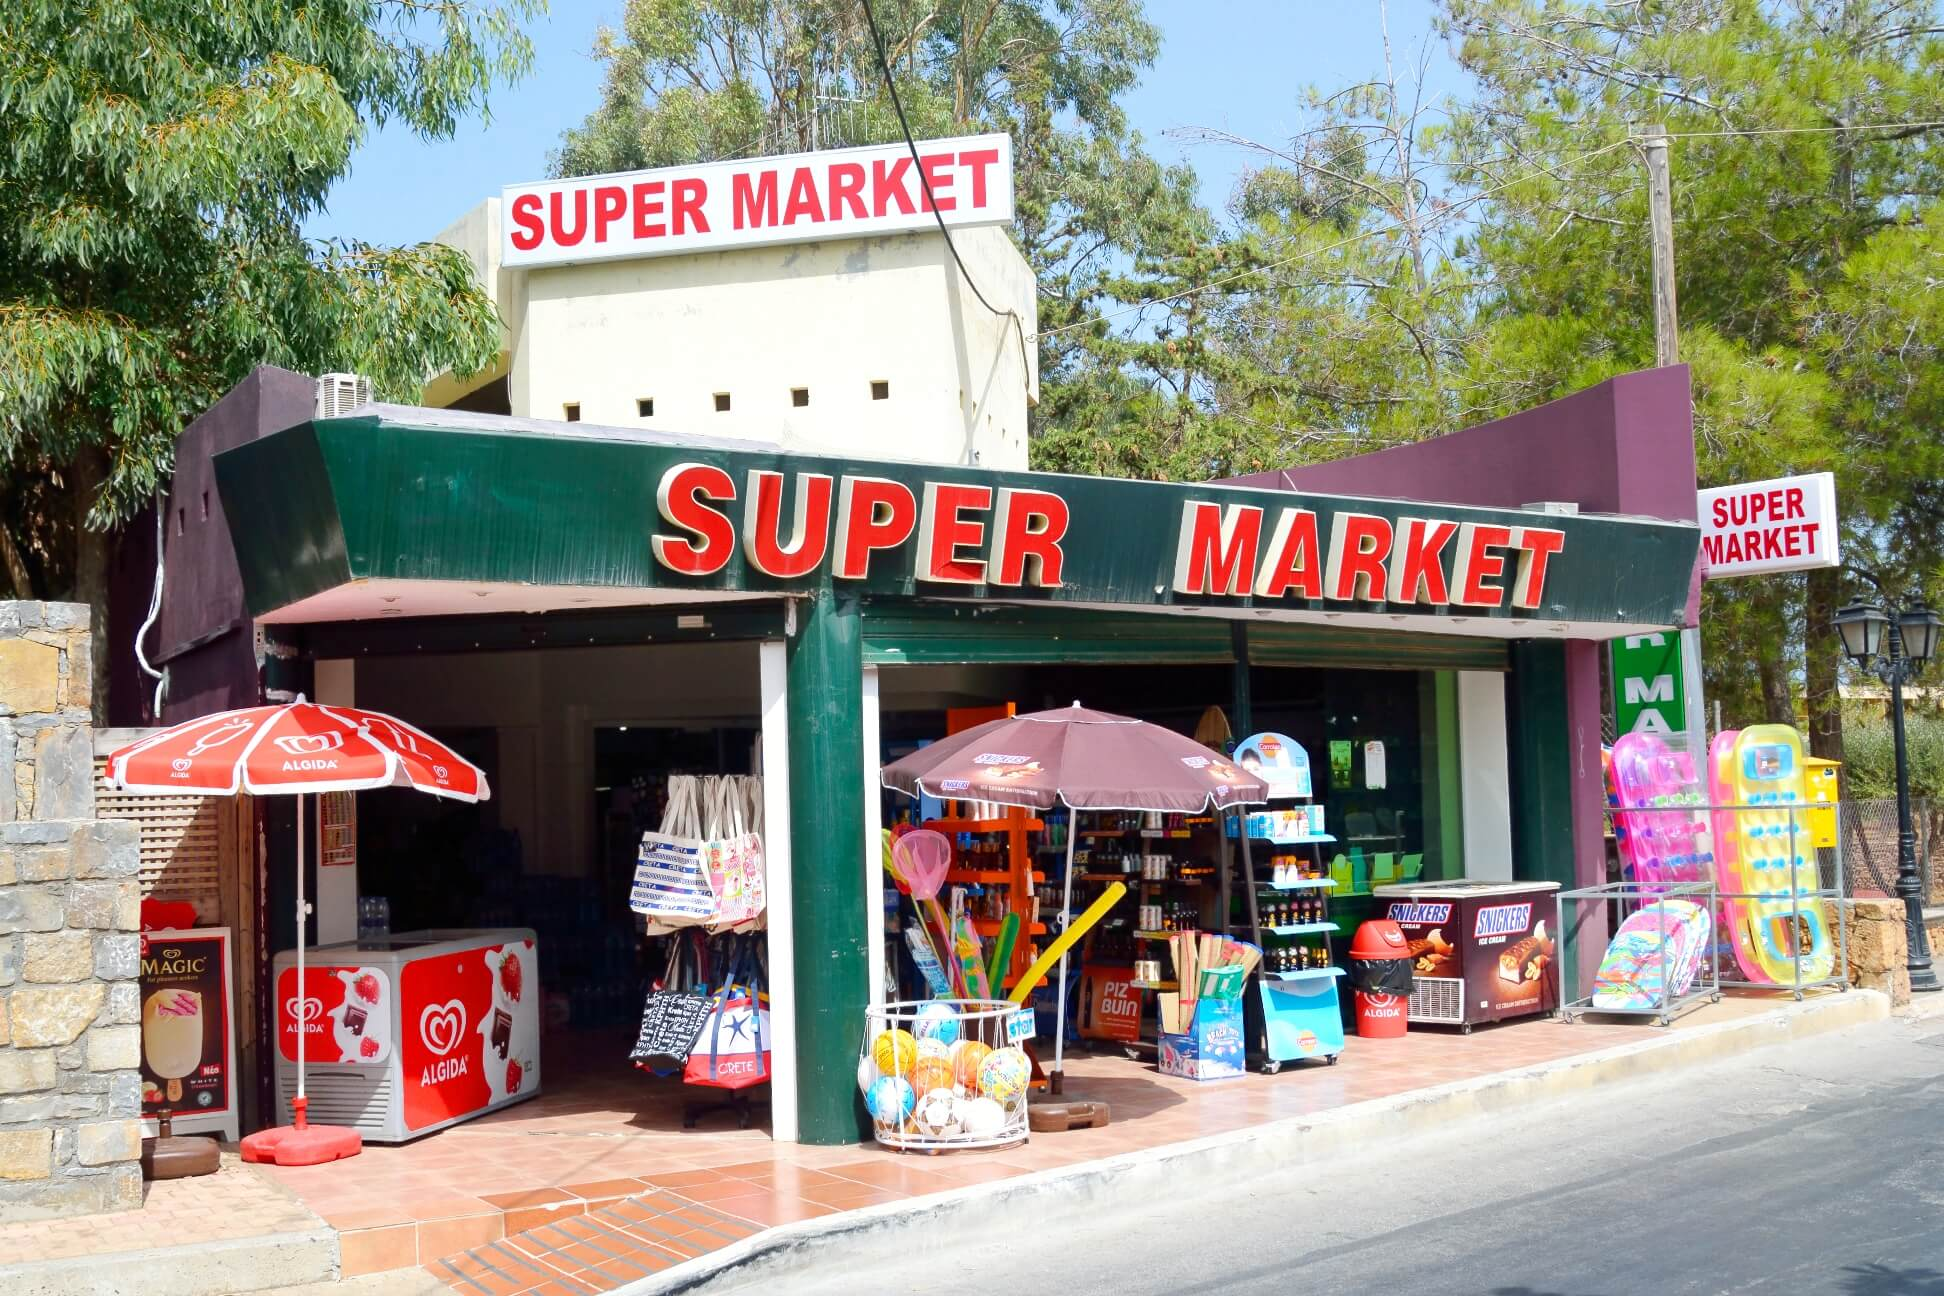 הגדול למכירה קיוסק חנות נוחות | לוח עסקים מונופולי GD-07